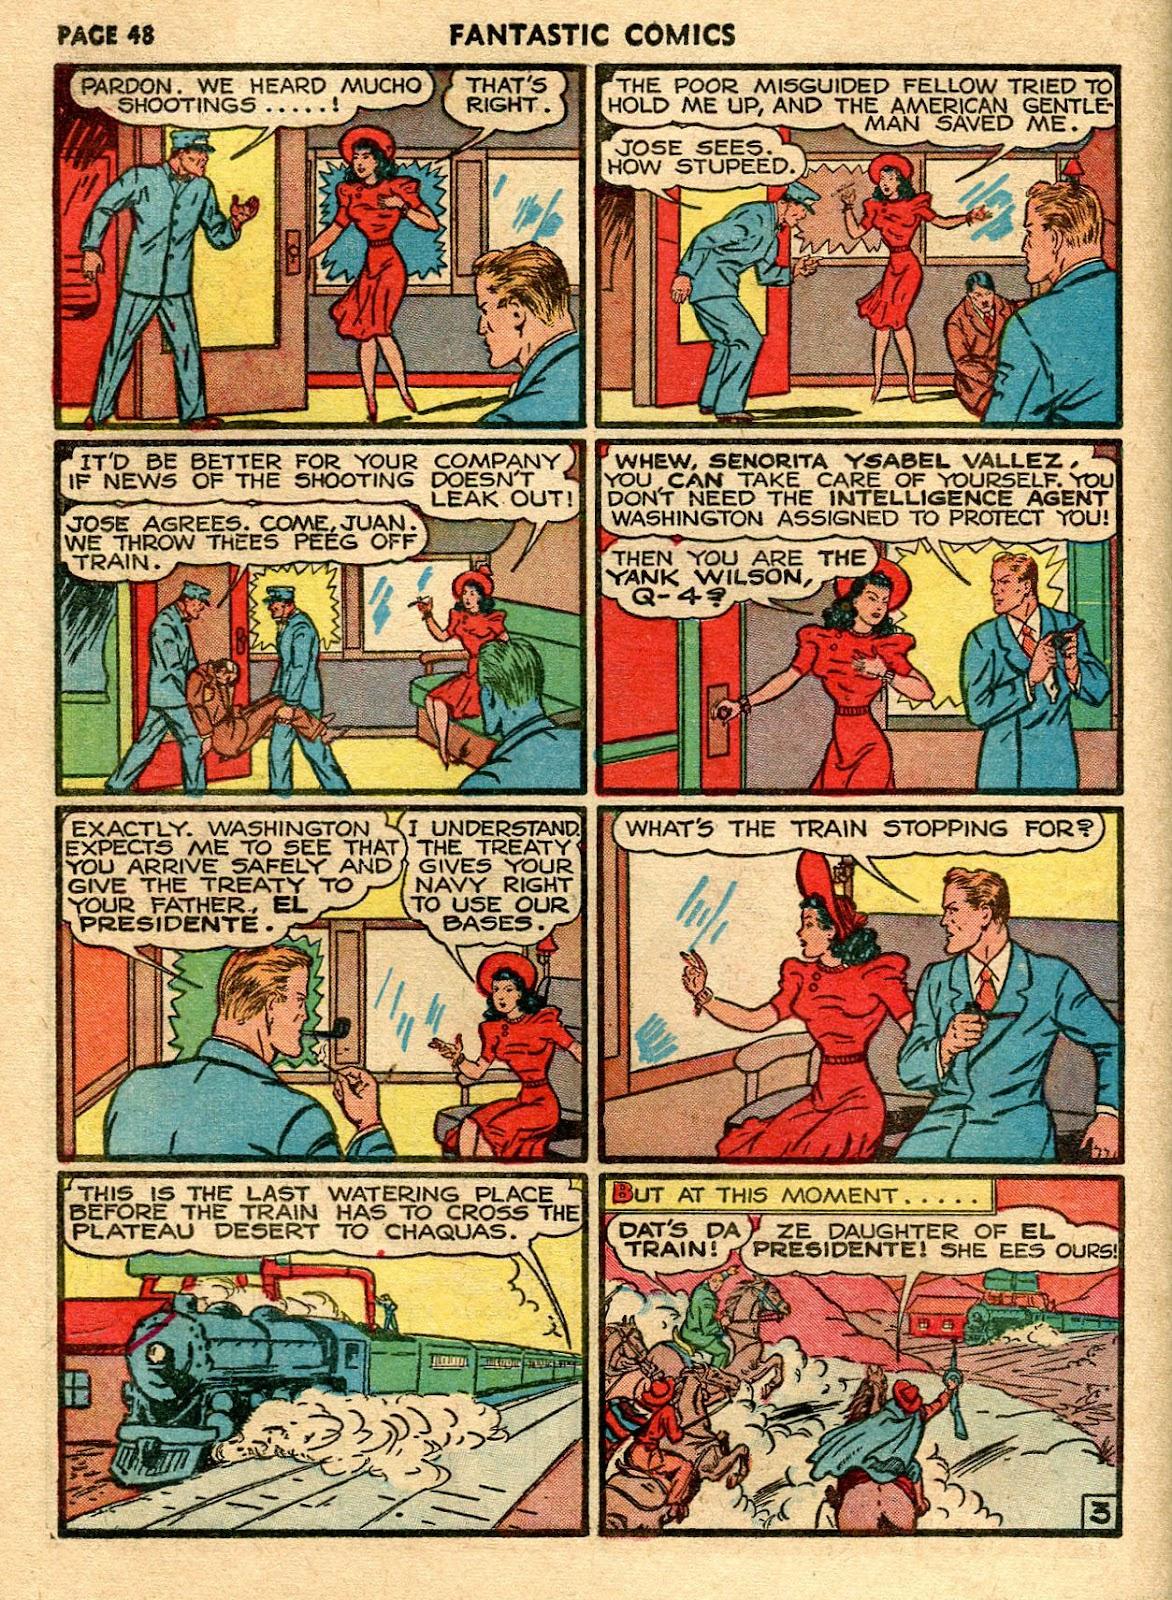 Read online Fantastic Comics comic -  Issue #21 - 46